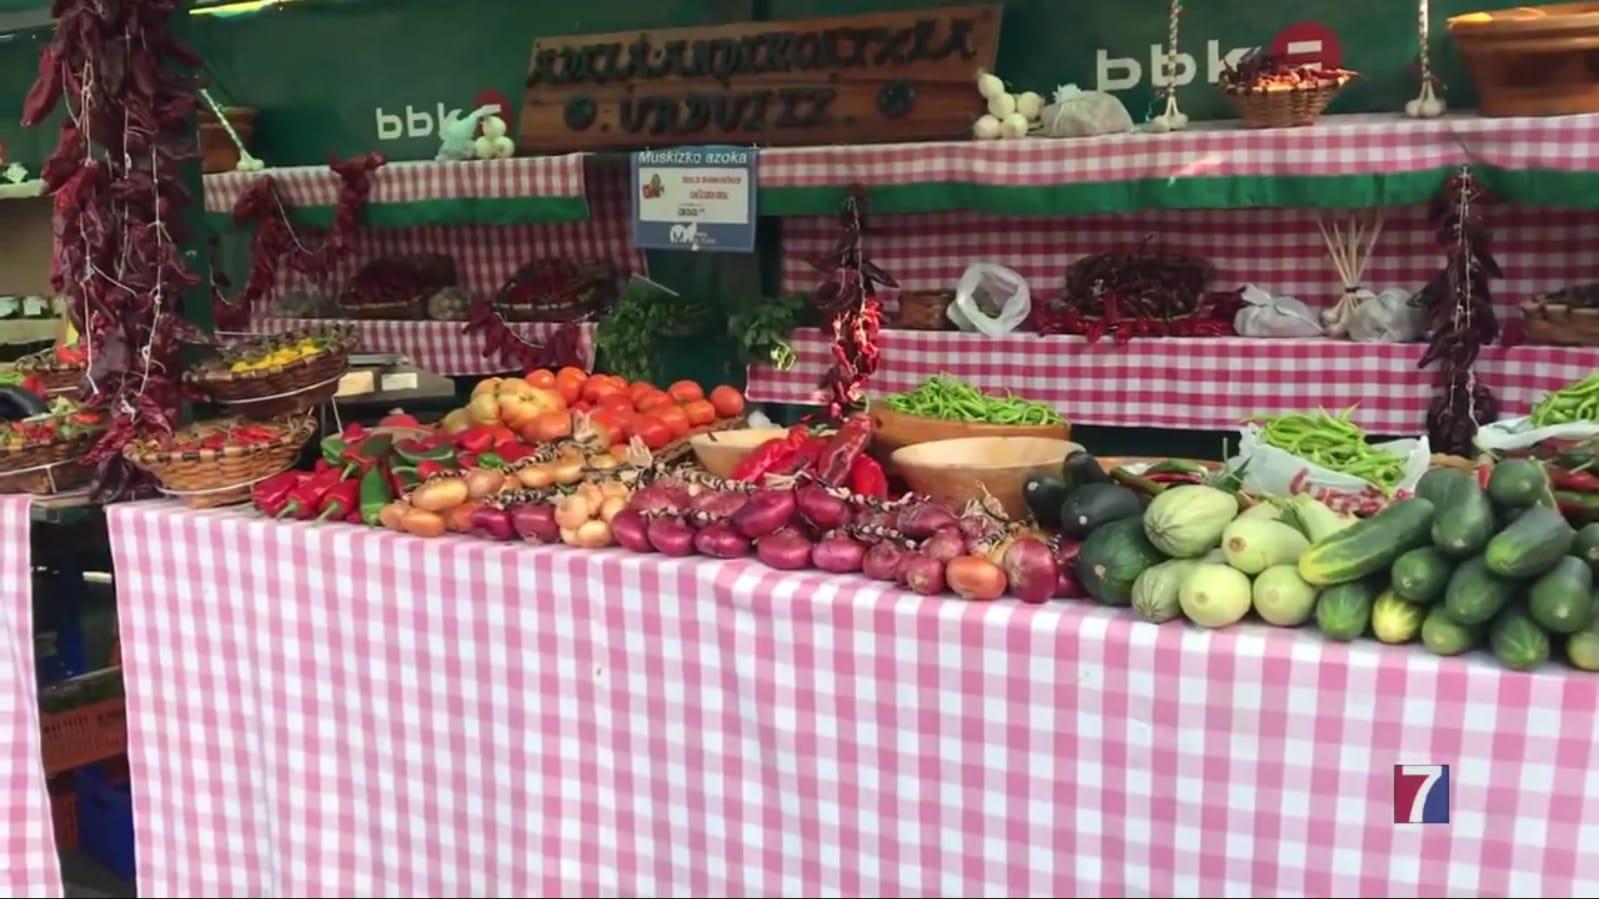 Muskiz celebra, el domingo, una nueva edición de su feria agrícola y ganadera